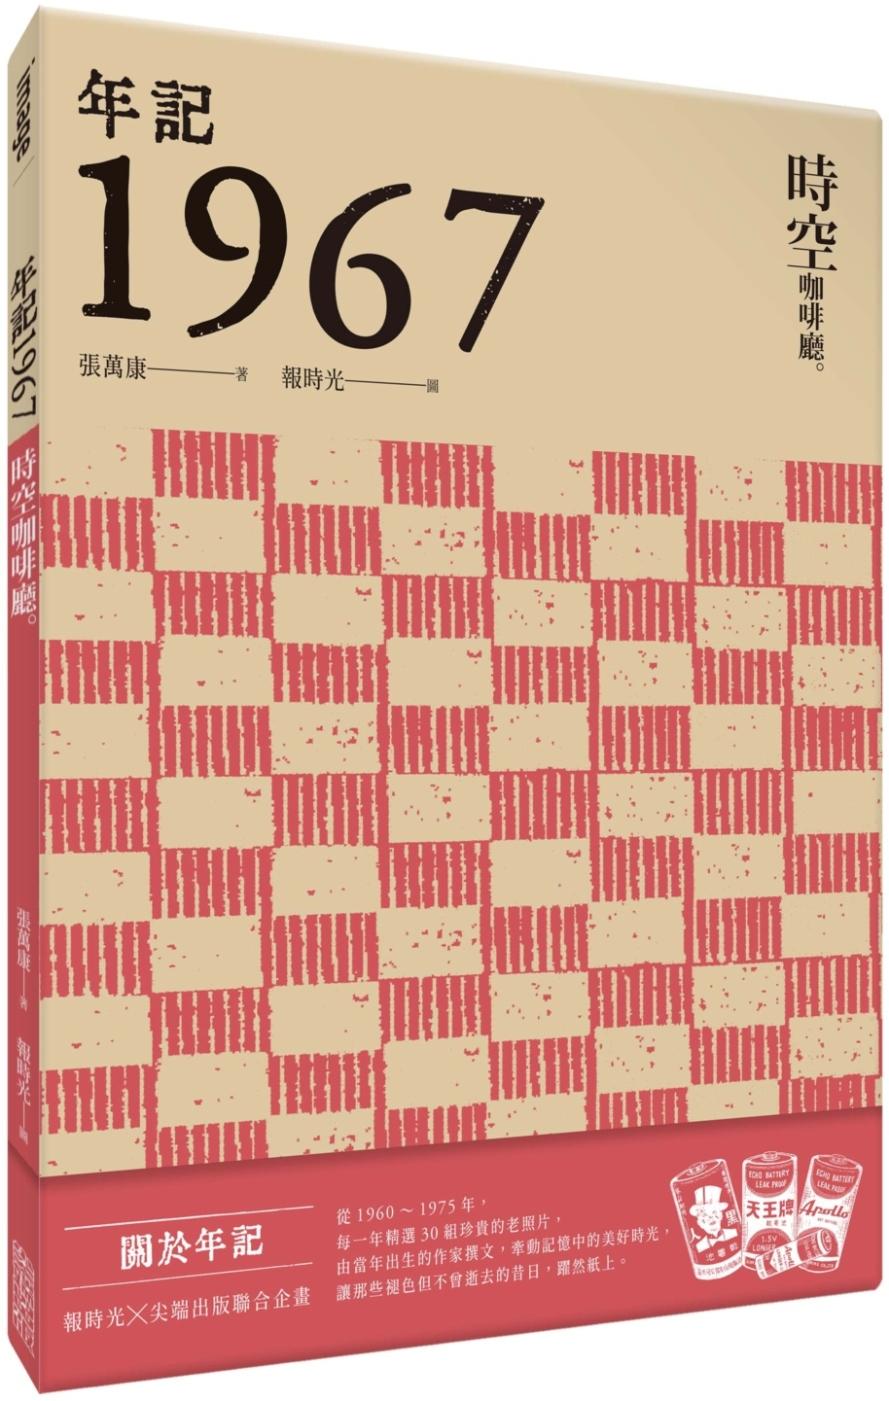 年記1967:時空咖啡廳